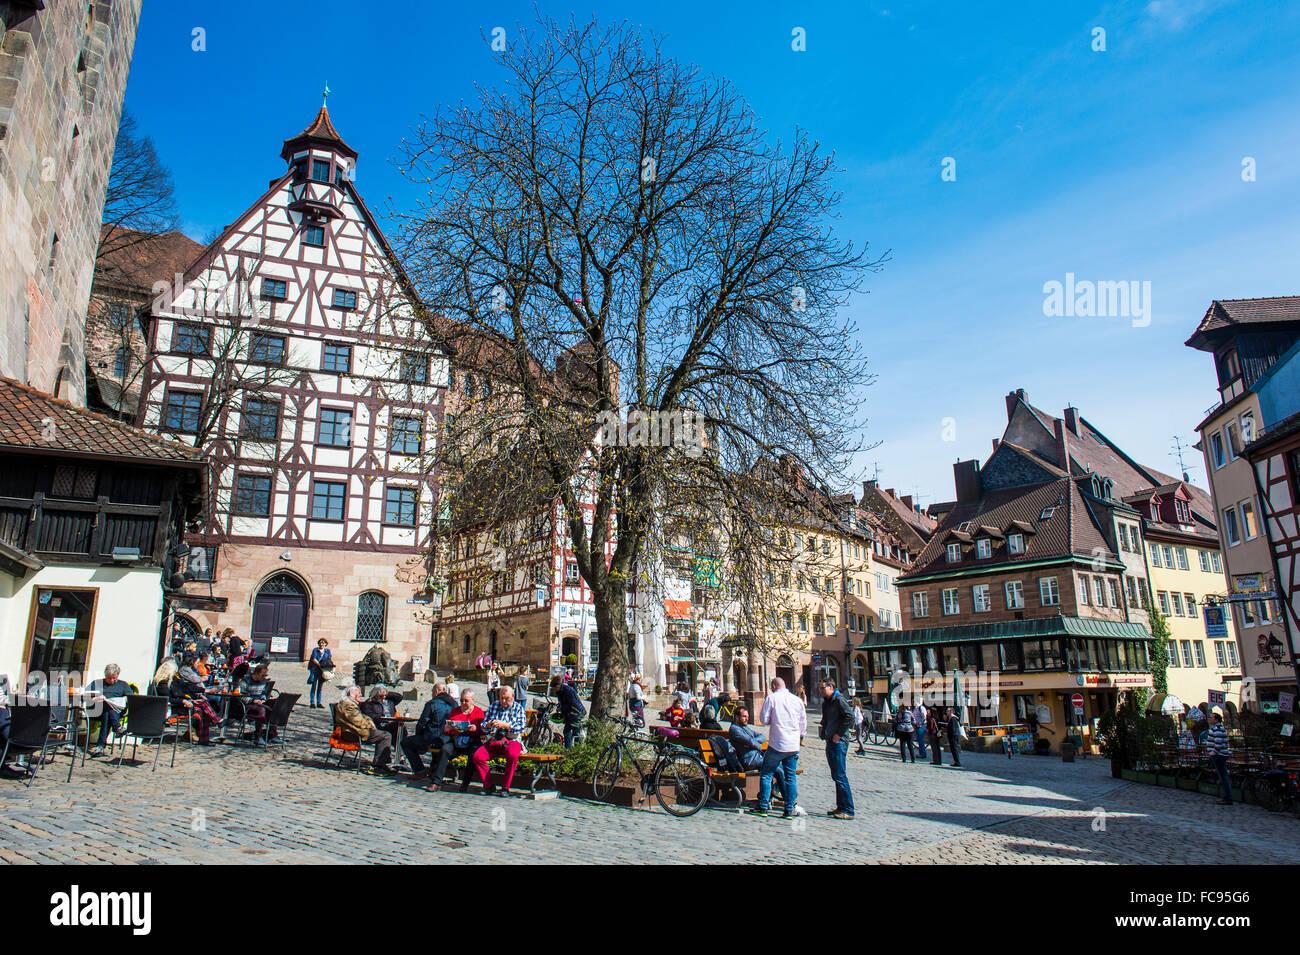 Fachwerkhäusern auf Albrecht Duerer Platz, Nürnberg, Bayern, Deutschland Stockbild